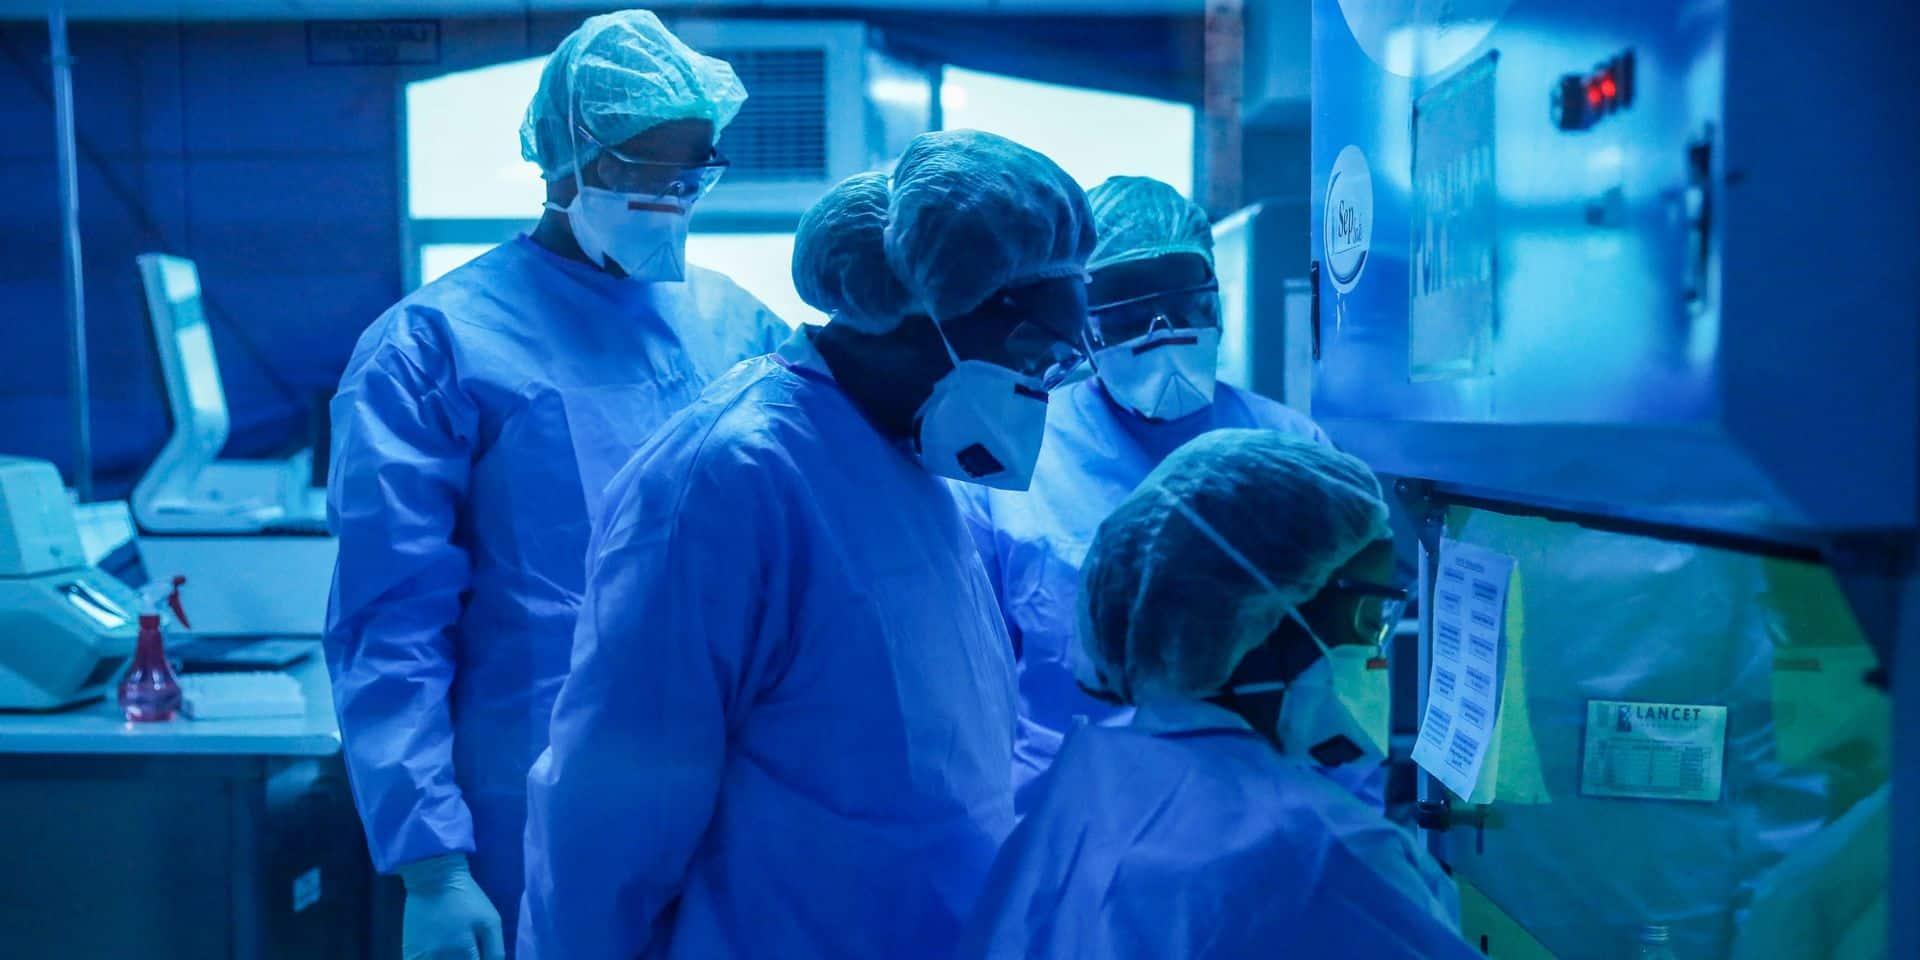 Coronavirus : Non, l'Afrique ne sera pas le laboratoire de l'Europe pour tester un vaccin